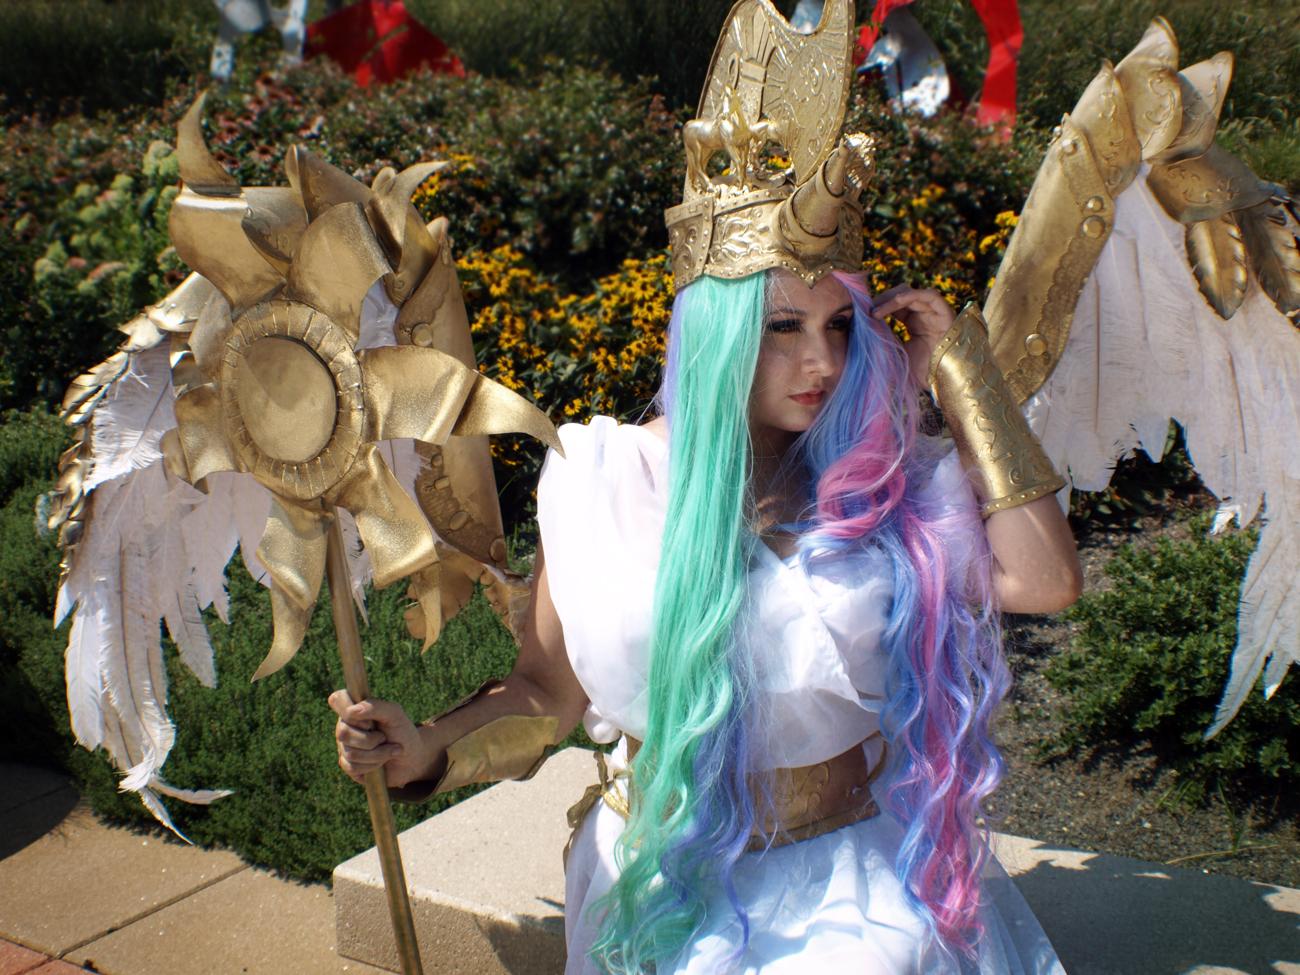 Princess Celestia IV